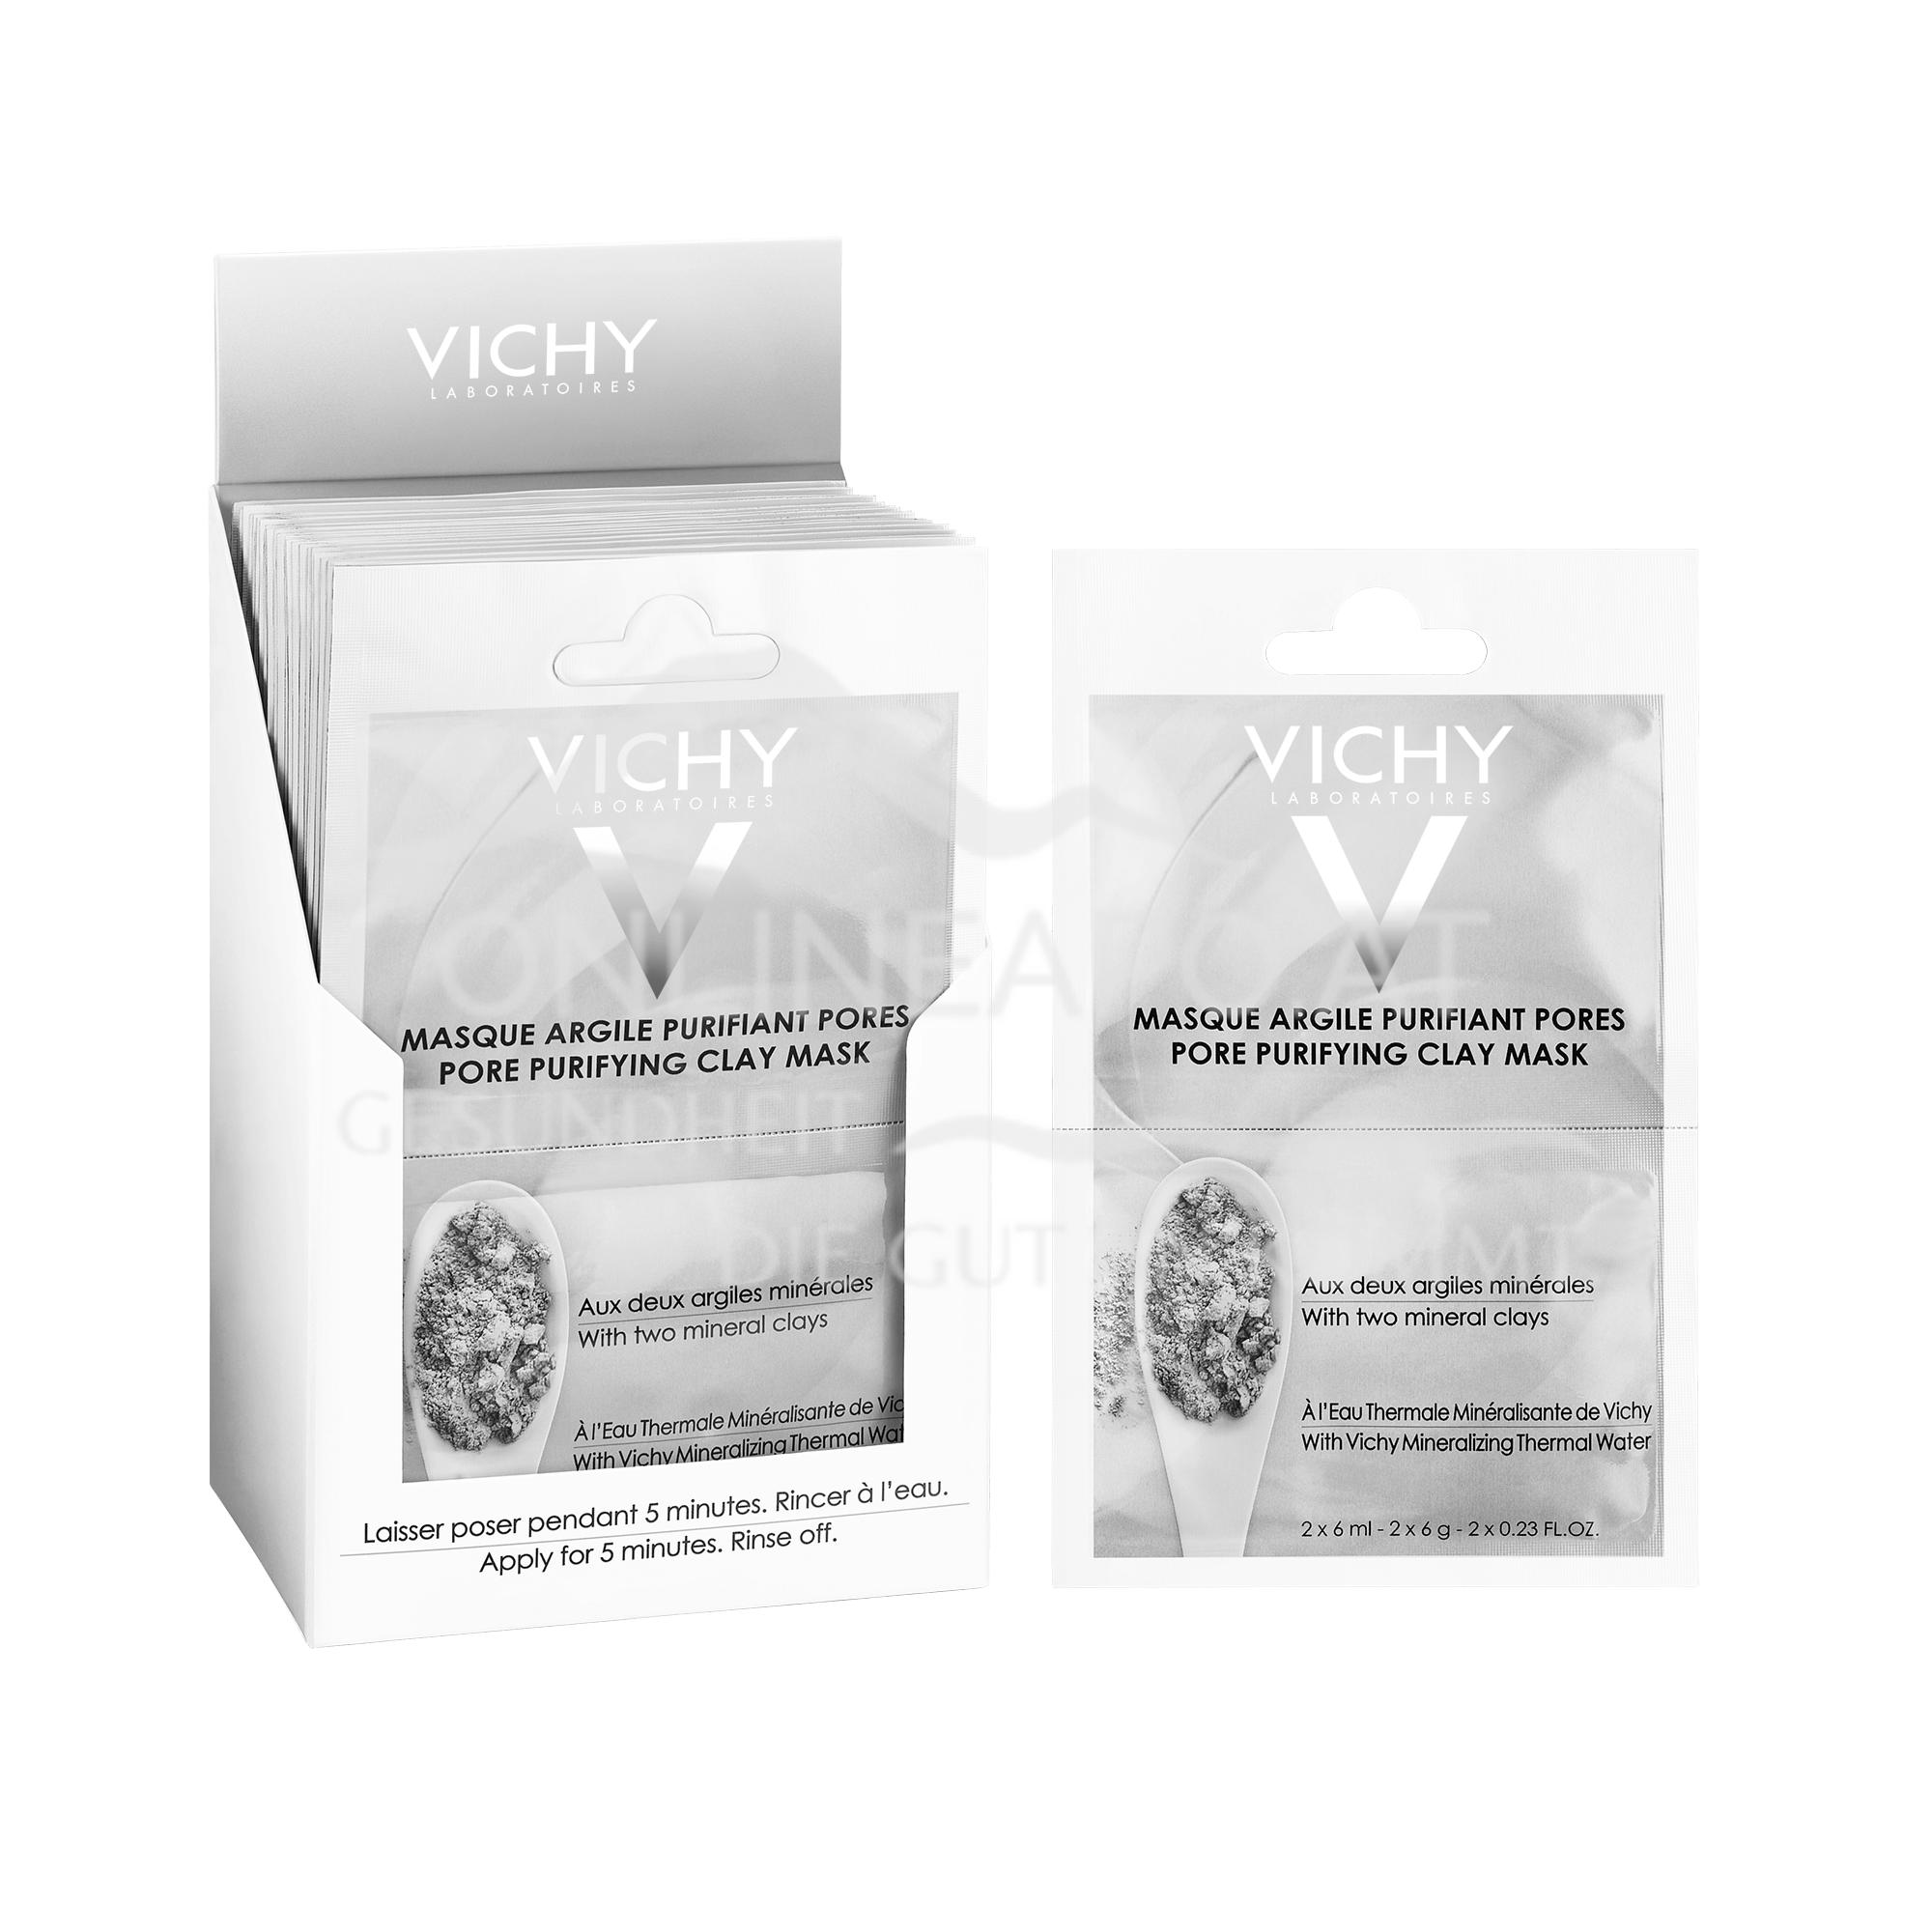 VICHY Pureté Thermale Porenverfeinernde Maske Duo-Sachet 2x6 ml